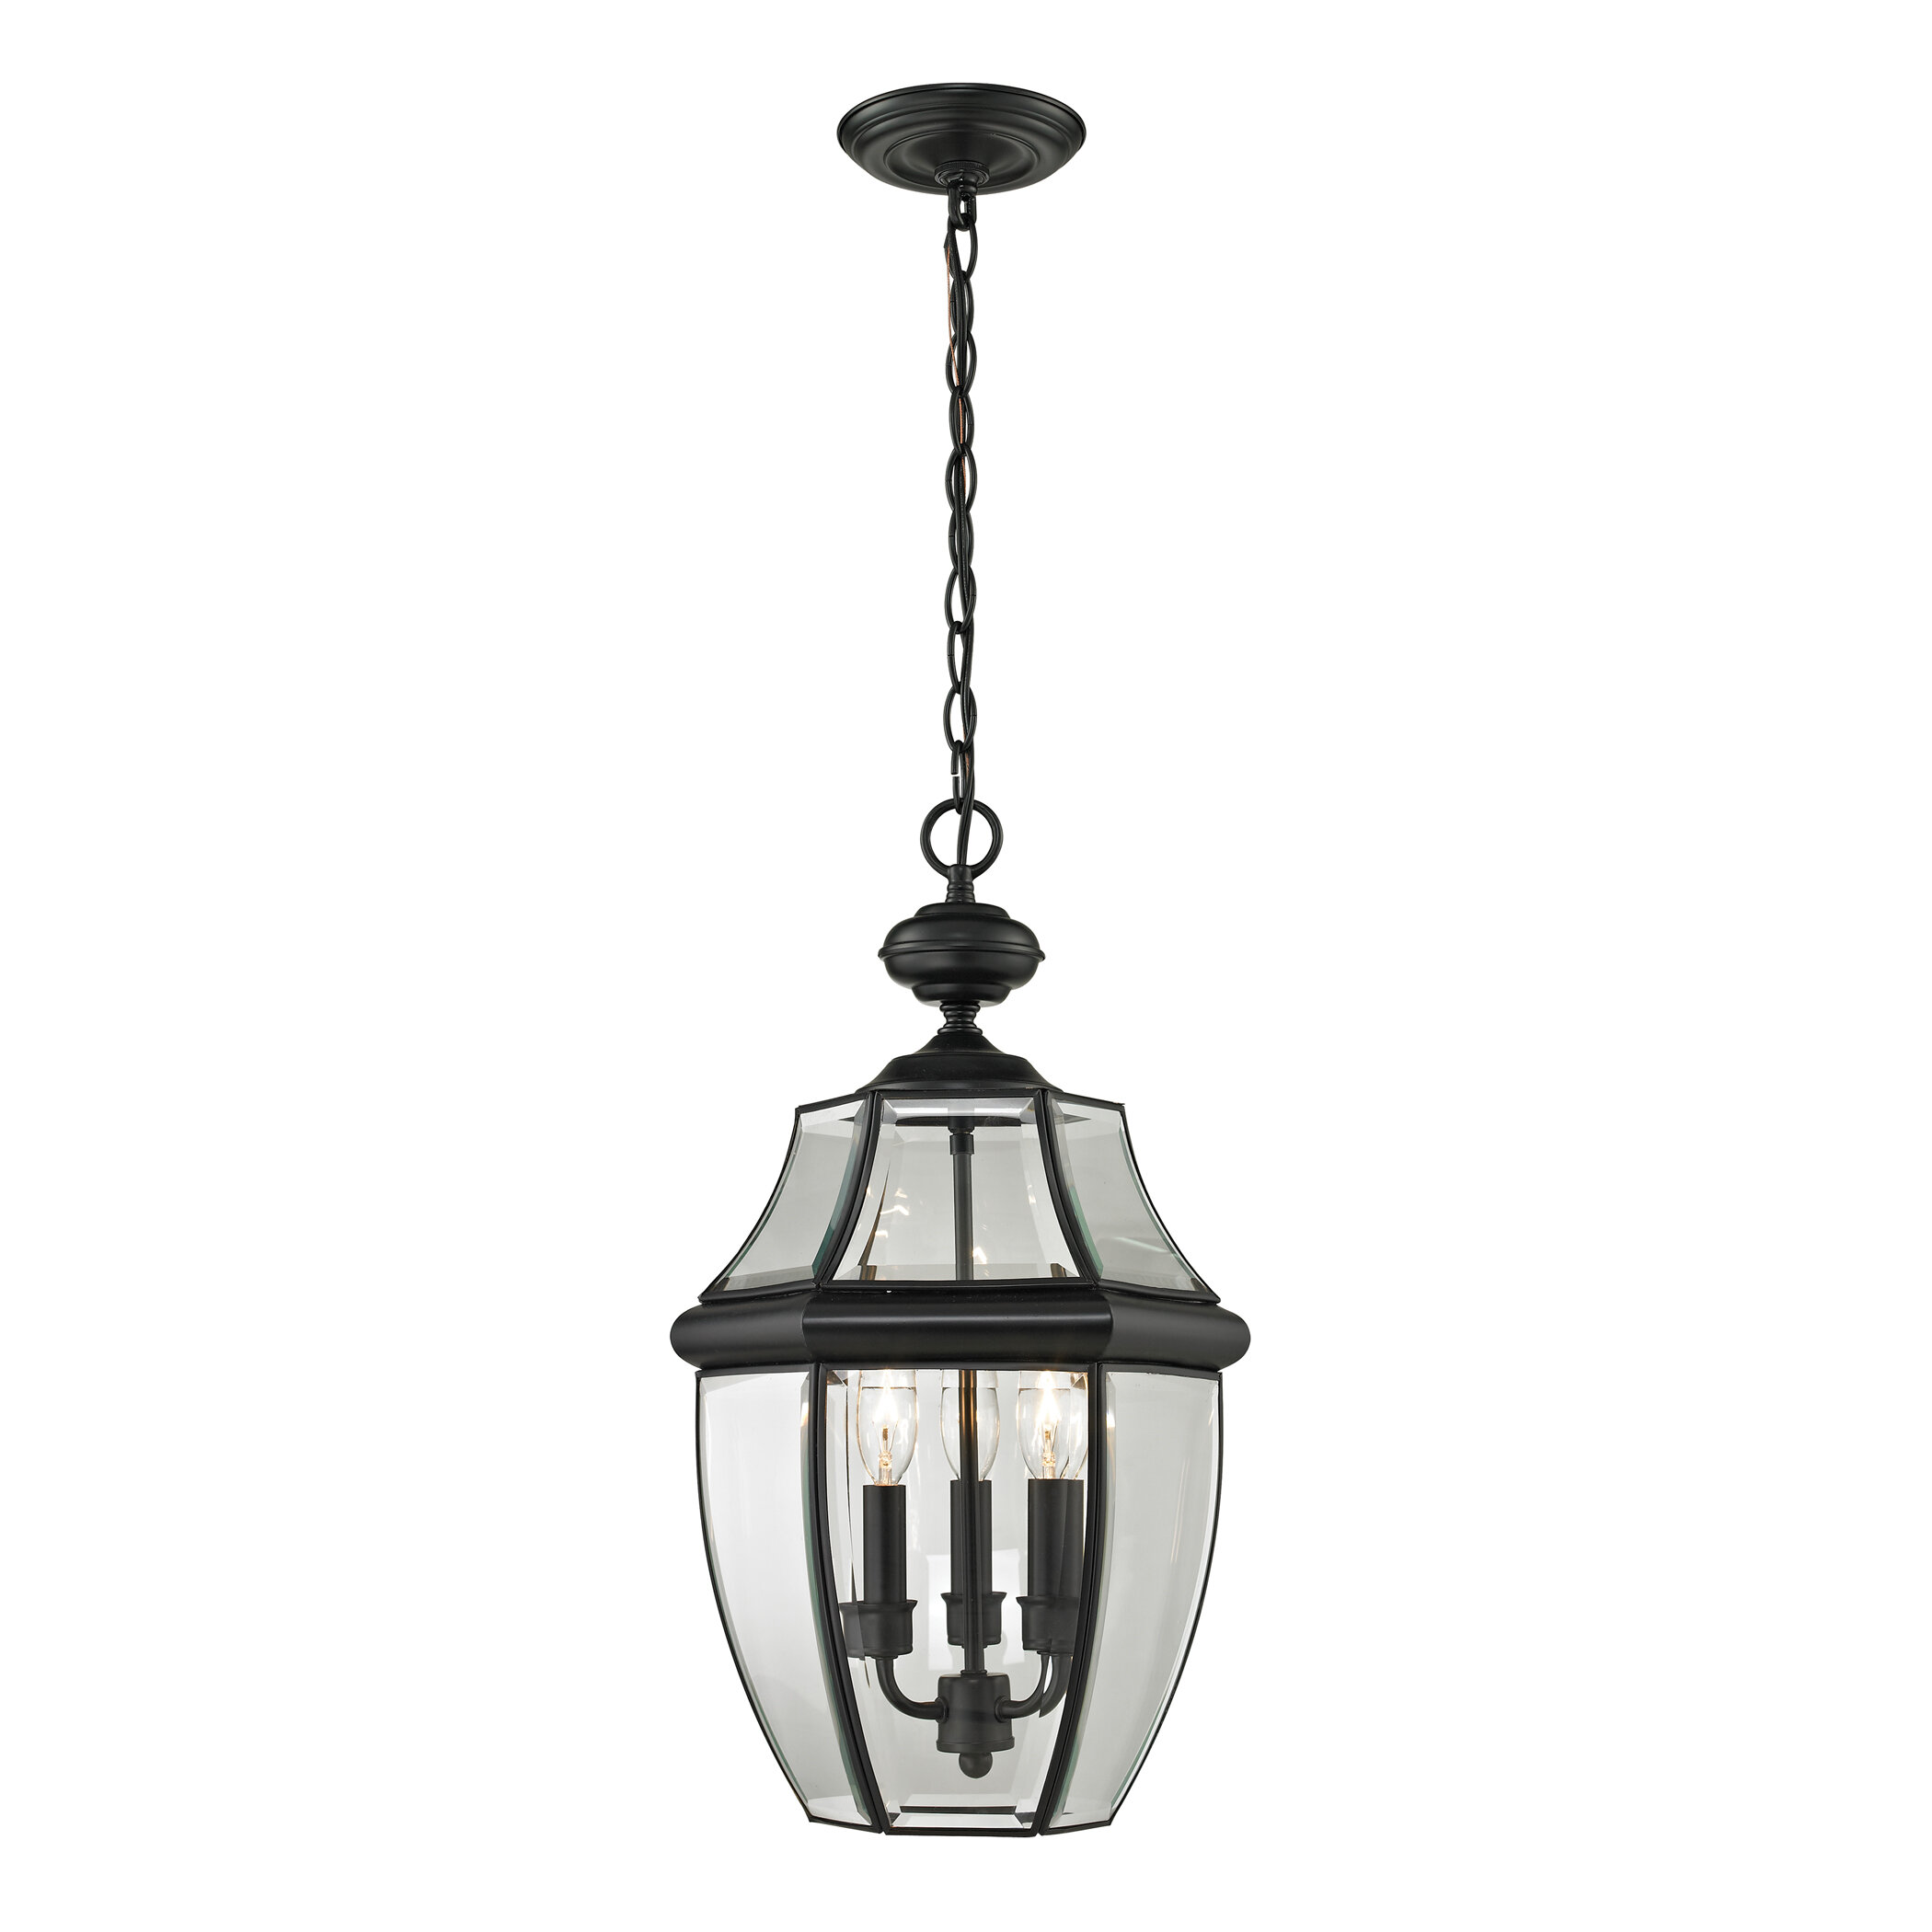 Ashford Large 3 Light Outdoor Hanging Lantern. By Cornerstone Lighting